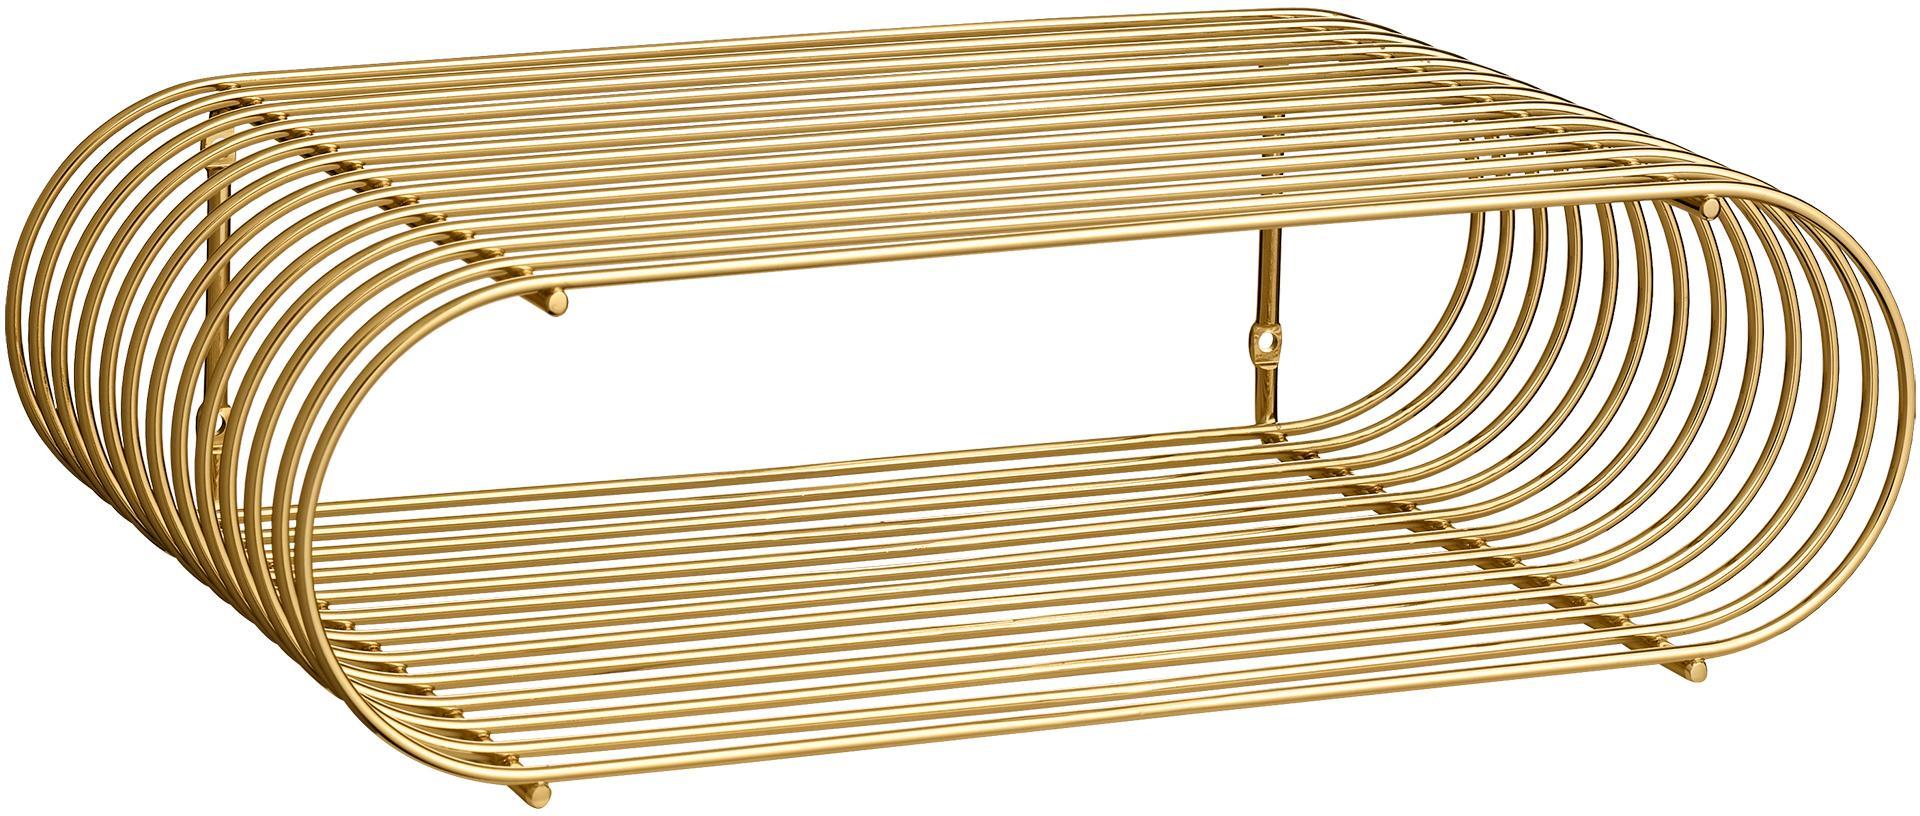 Kleines Wandregal Curve aus Metall, Metall, vermessingt, Goldfarben, 40 x 12 cm